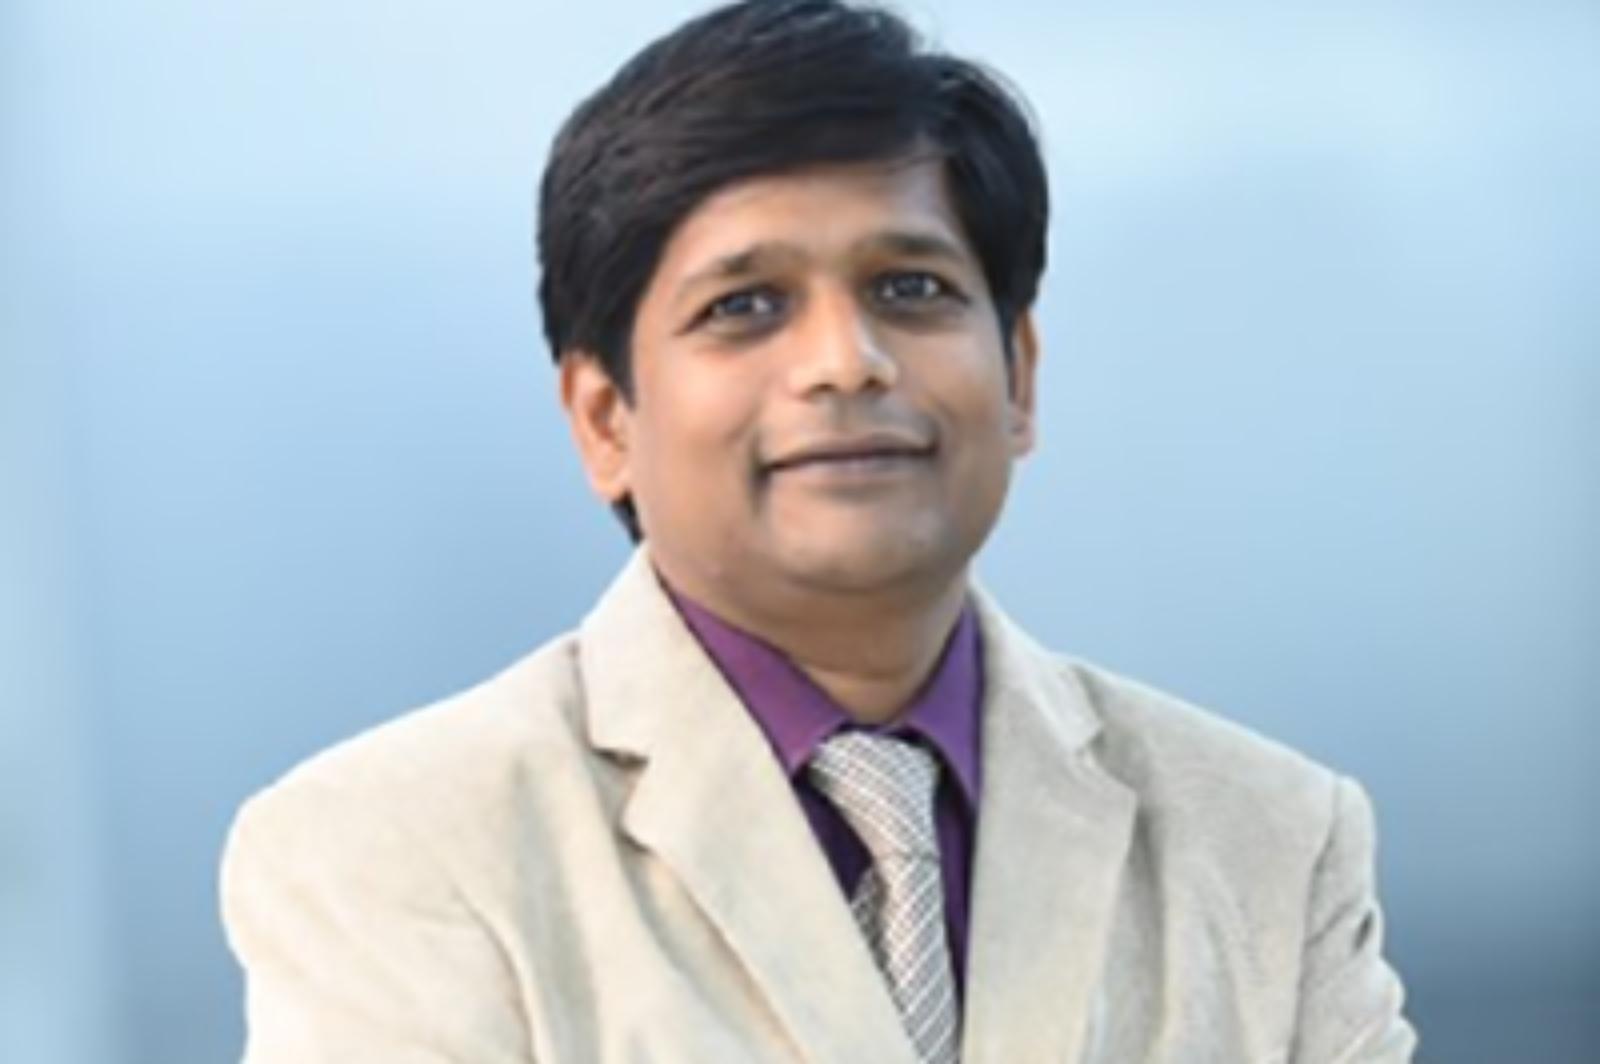 Prashant Bhavar